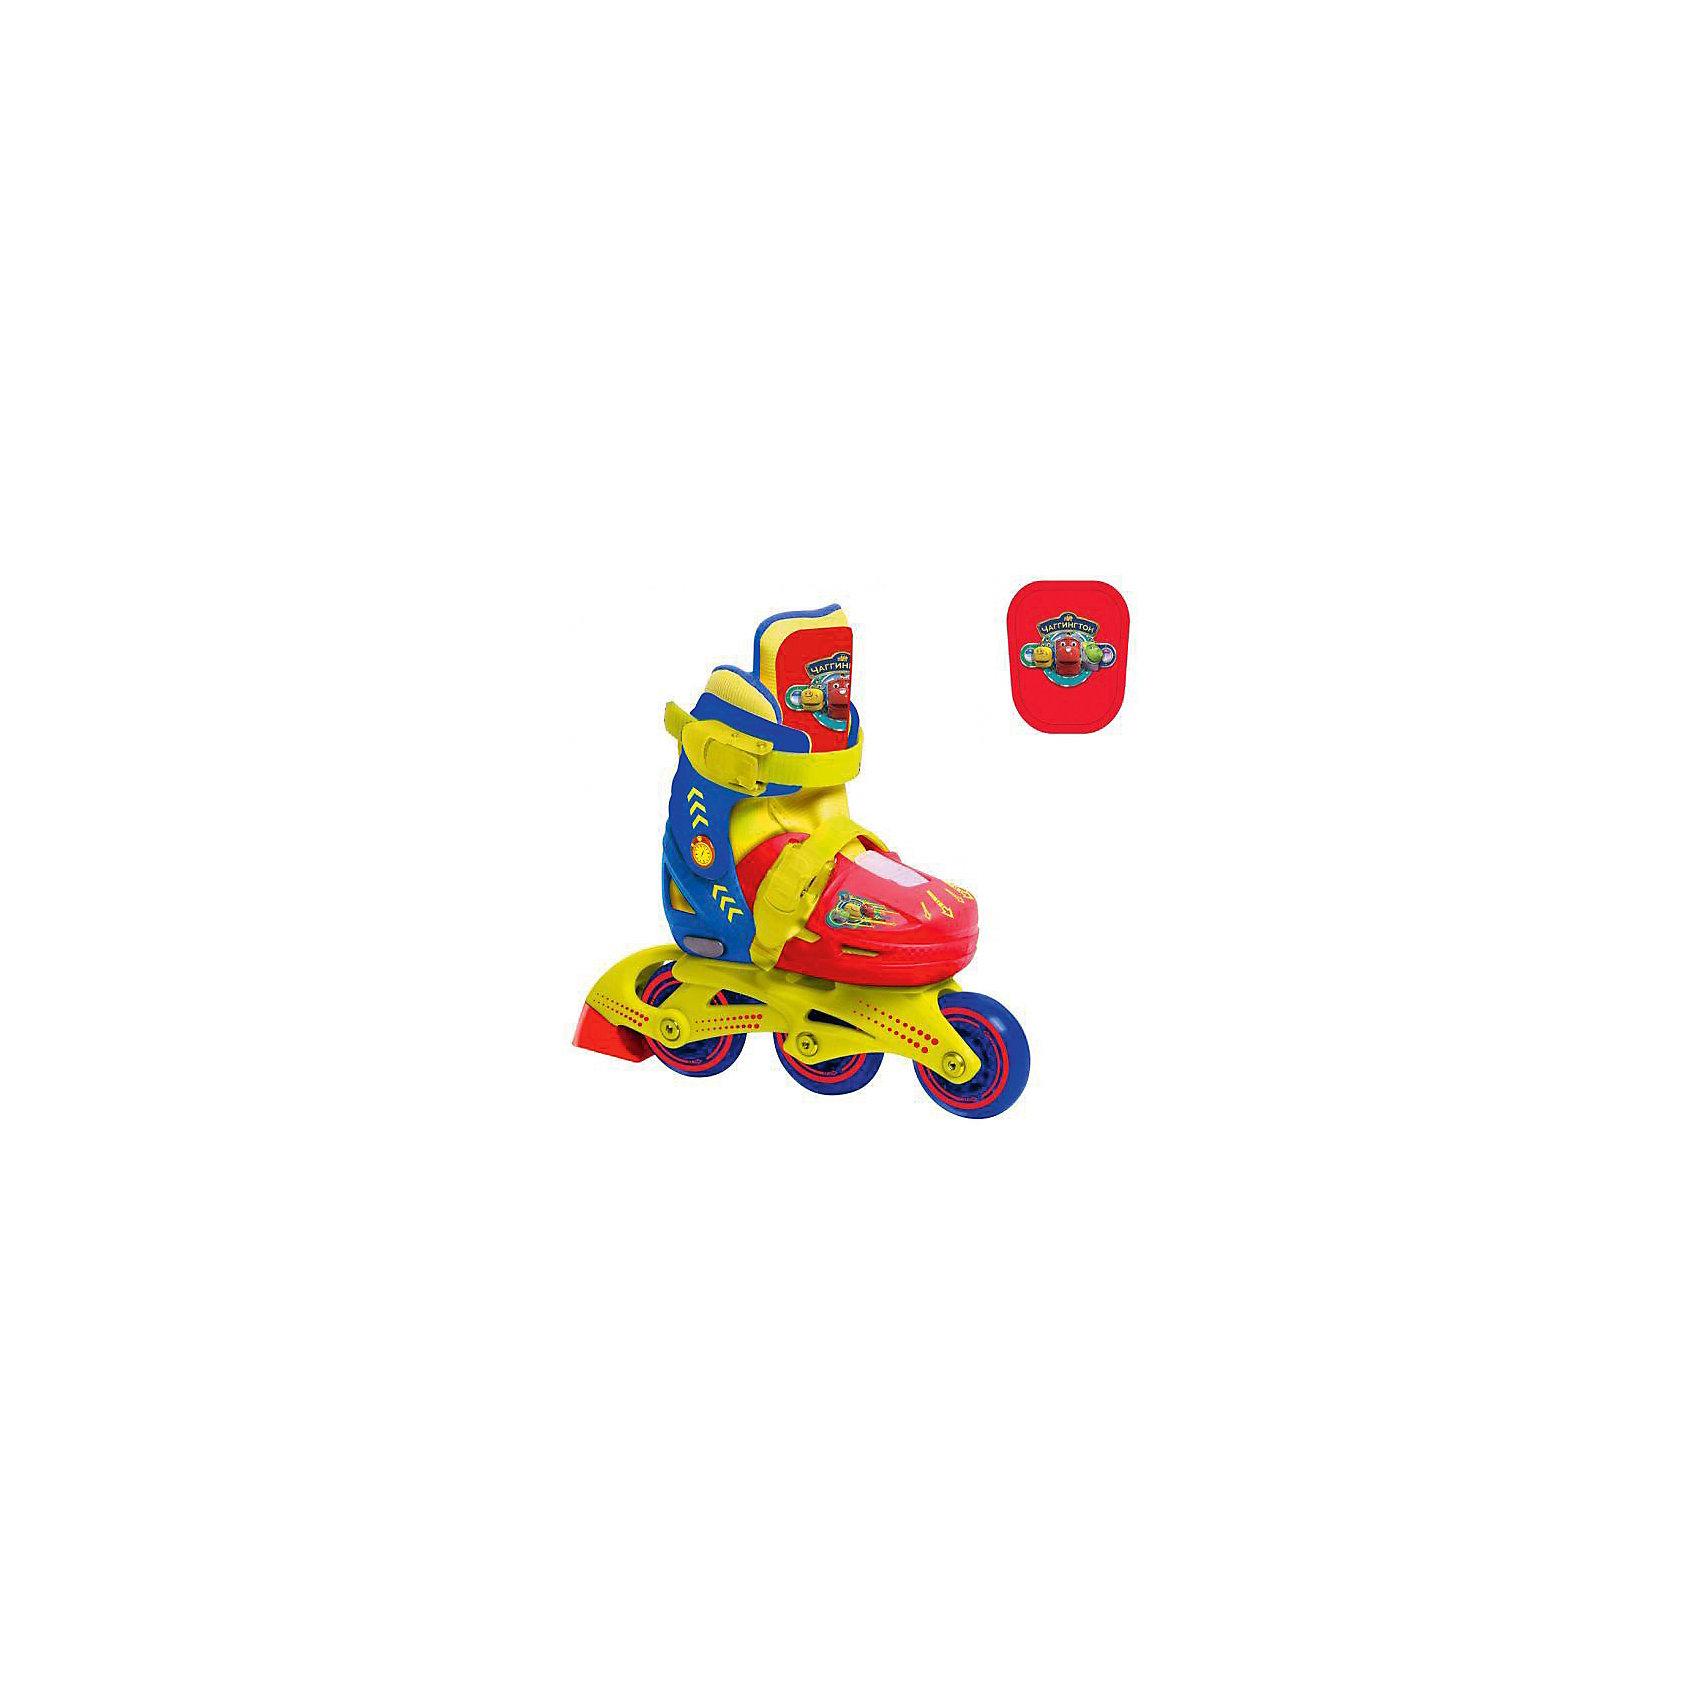 Роликовые коньки, ЧаггингтонУдобные детские раздвижные ролики Чаггингтон (Chuggington) идеально подходят для комфортного и безопасного катания Вашего ребенка.  Их вполне могут использовать как малыши, которые только учатся роликовому спорту, так и дети постарше. Ролики выполнены в стиле популярного мультсериала Чаггингтон (Chuggington) и украшены изображениями веселых паровозиков, персонажей мультфильма.<br><br>Для большей безопасности Вашего ребёнка ролики имеют жесткие ботинки. Клипсы с фиксаторами помогут прочно зафиксировать детскую ножку внутри ботинка. Ролики оснащены кнопочной системой раздвижения на 3 полных размера, что позволяет использовать их несколько сезонов. На заднем колесе имеется тормоз. <br><br>В роликах предусмотрена функция изменения конфигурации расположения колес (функция 2 в 1), колеса можно располагать как традиционно в линию, так и сдваивать задние колеса путем переноса среднего колеса назад. Данная функция помогает начинающим роллерам набираться опыта и держать равновесие с меньшим риском упасть и получить травму.<br><br>Дополнительная информация:<br><br>- Материал: высококачественный упрочненный пластик.<br>- Колеса: ПВХ.<br>- Рама пластиковая.<br>- Размер (ДхШхВ): 31 х 11 х 42 см.  <br>- Вес: 1,65 кг.<br><br>Занятия на роликах укрепляют вестибулярный аппарат, развивают чувство равновесия и умение сохранять баланс.<br><br>Роликовые коньки Чаггингтон можно купить в нашем интернет-магазине.<br><br>Ширина мм: 310<br>Глубина мм: 110<br>Высота мм: 420<br>Вес г: 1900<br>Цвет: красный/желтый<br>Возраст от месяцев: 36<br>Возраст до месяцев: 84<br>Пол: Мужской<br>Возраст: Детский<br>Размер: 30-33,26-29<br>SKU: 3602833